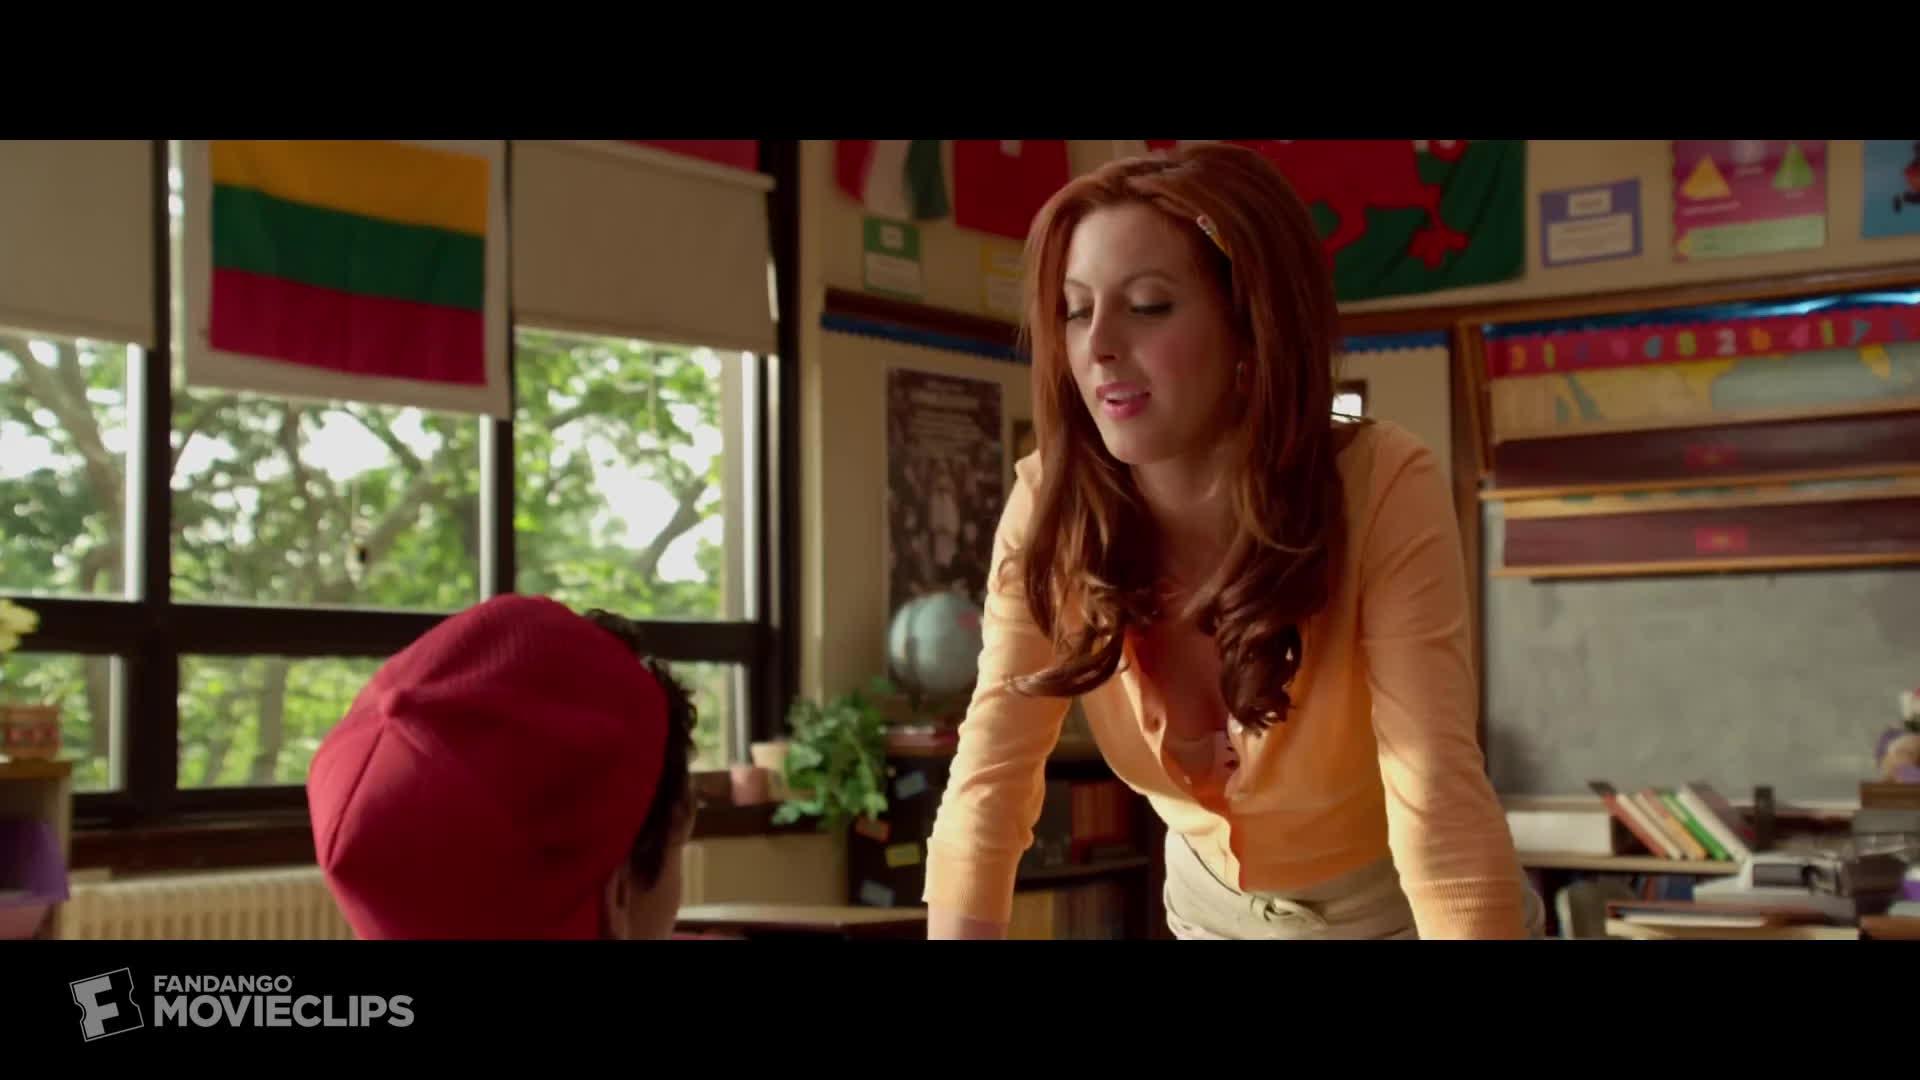 Eva amurri hot for teacher #1